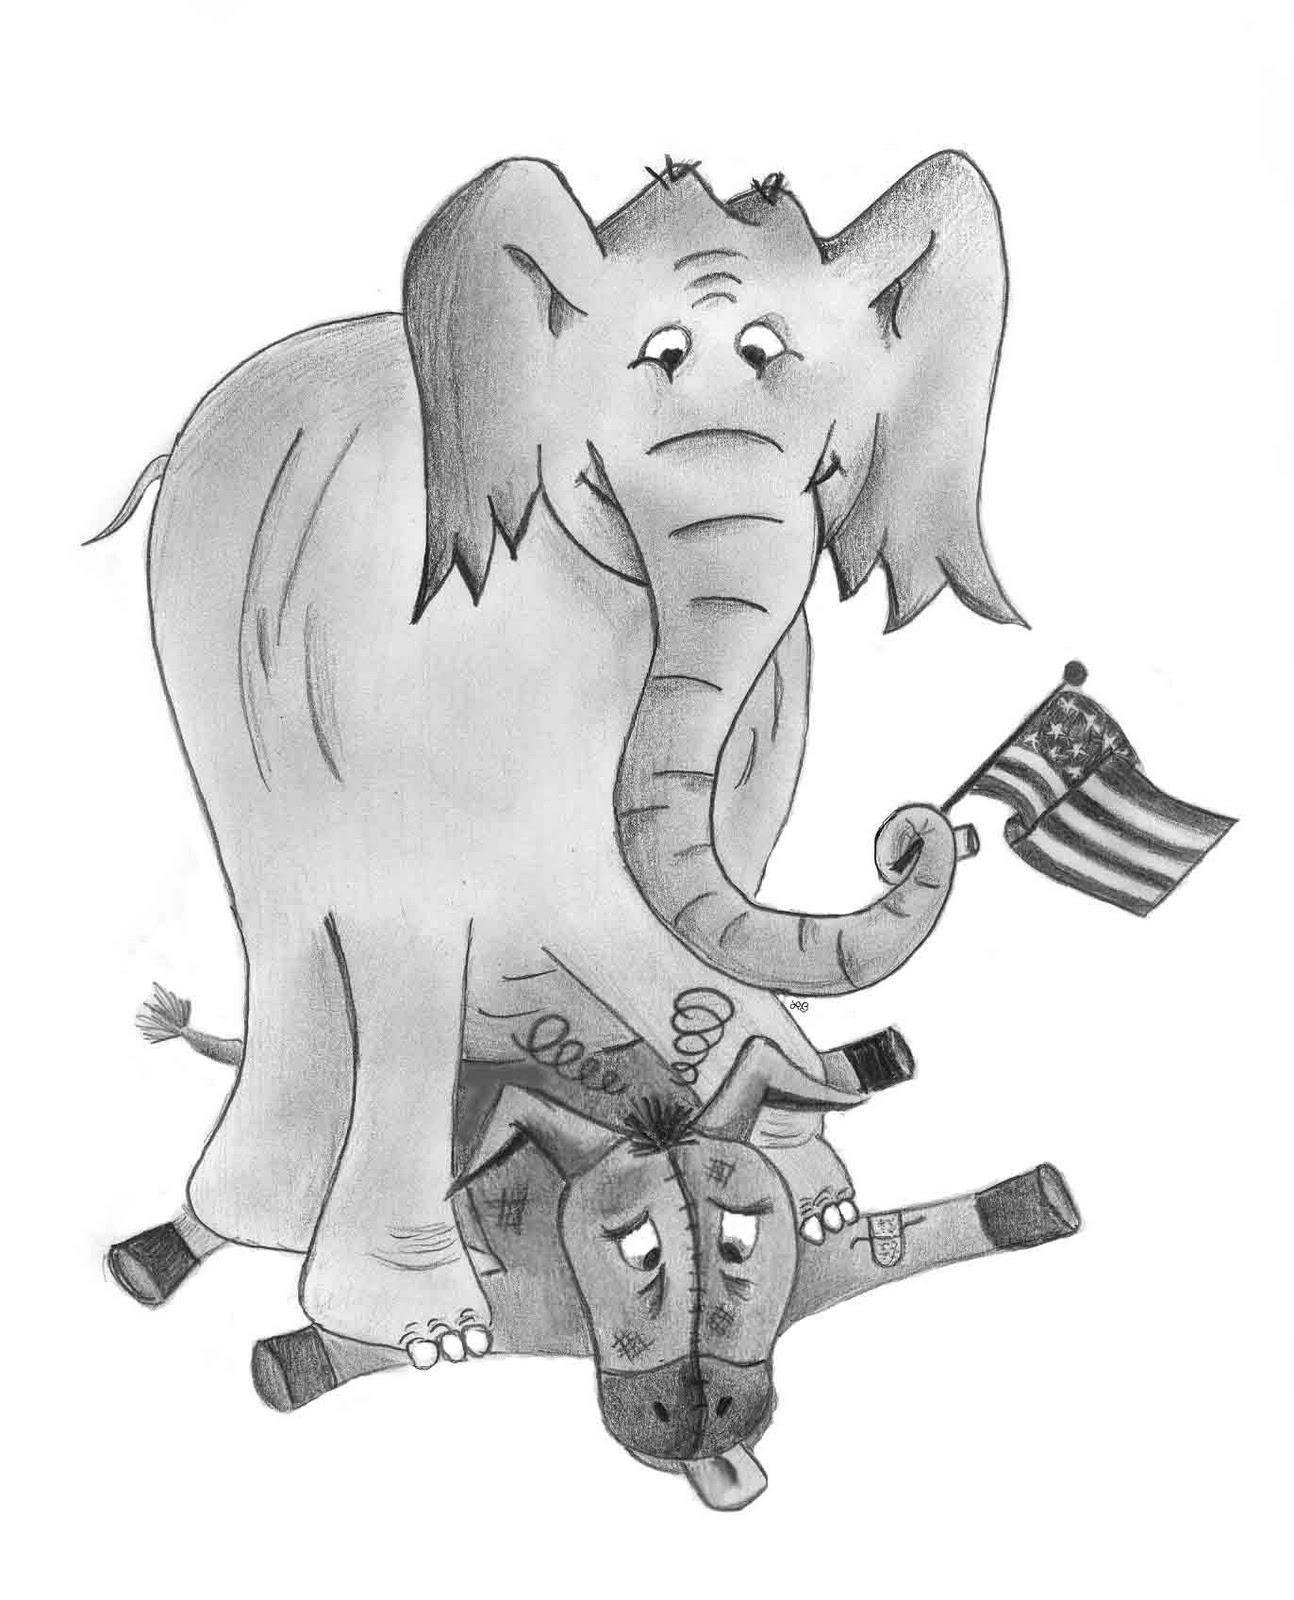 http://2.bp.blogspot.com/_QI5eFWJIET4/TNAST6G7J0I/AAAAAAAAAnE/z6dTJLHX1Eo/s1600/ElephantCrushesDonkey.jpg